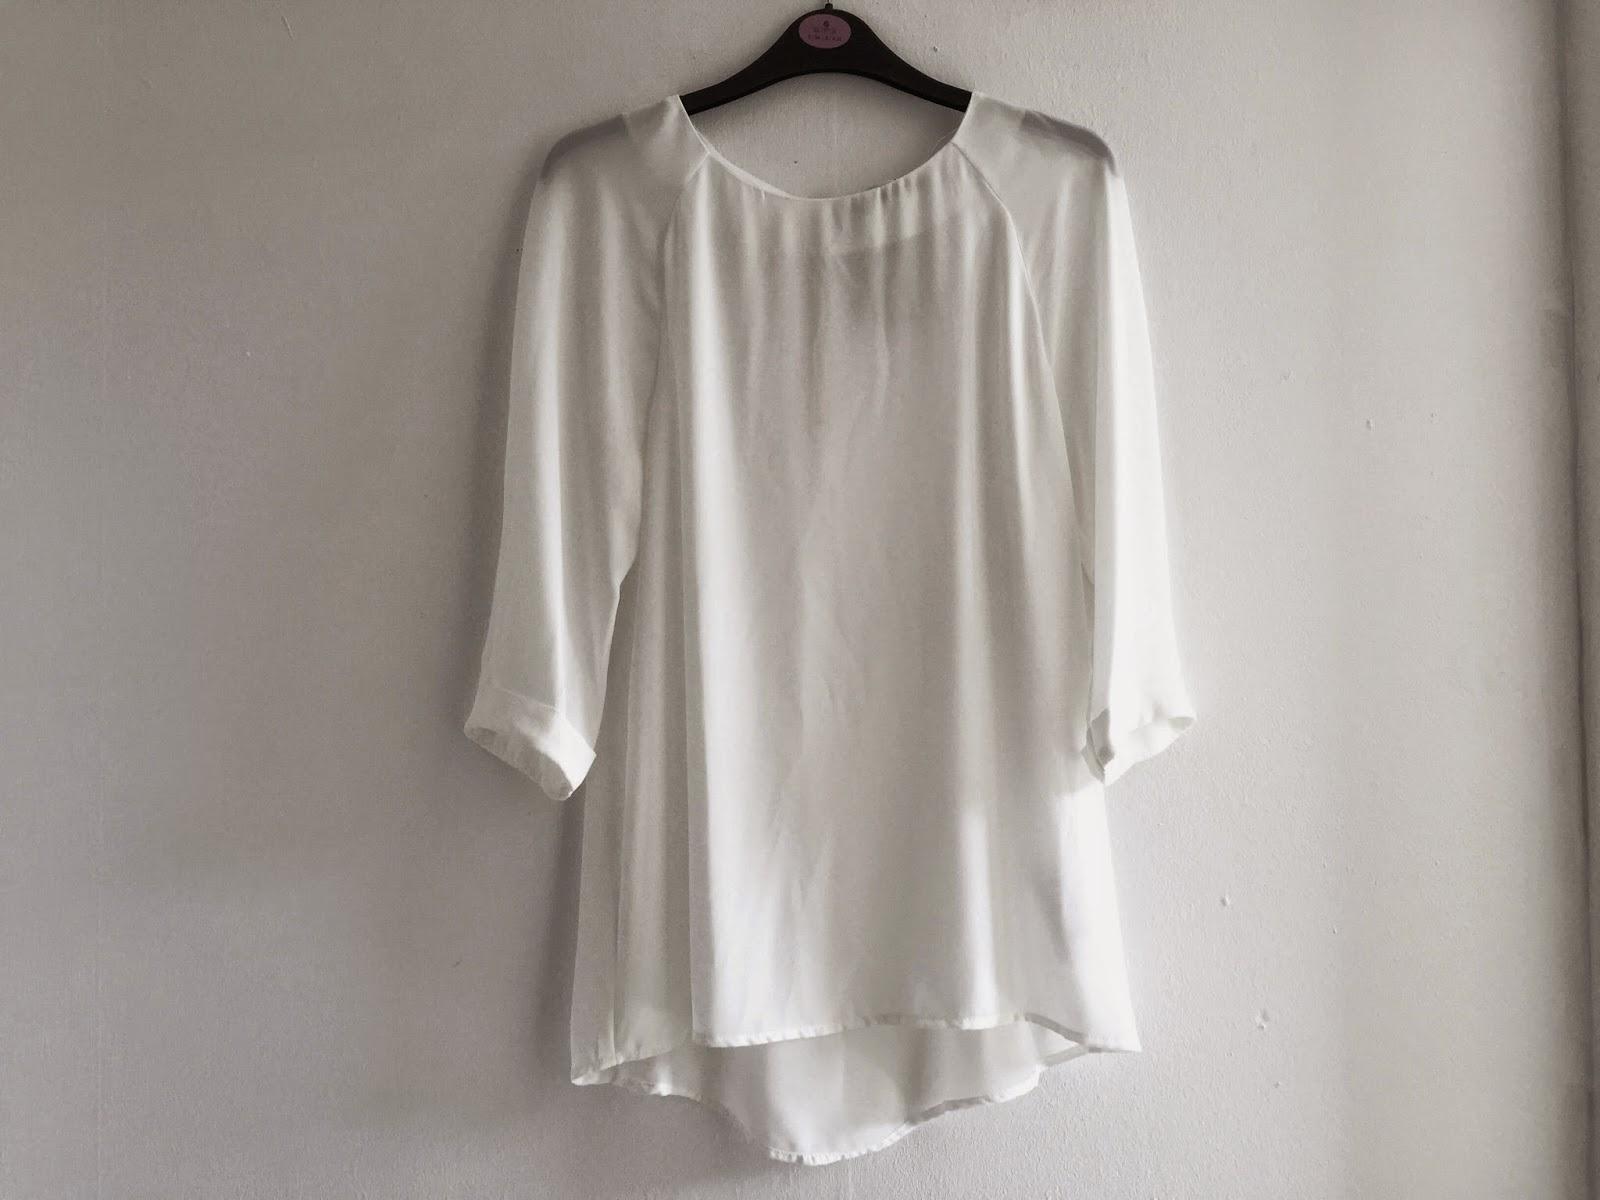 7f0671541ad67b Ik heb al zoveel verschillende witte blouses in mijn kast - maar toen zag  ik deze. En een witte blouse met een ronde hals had ik nog niet dus deze  kon er ...